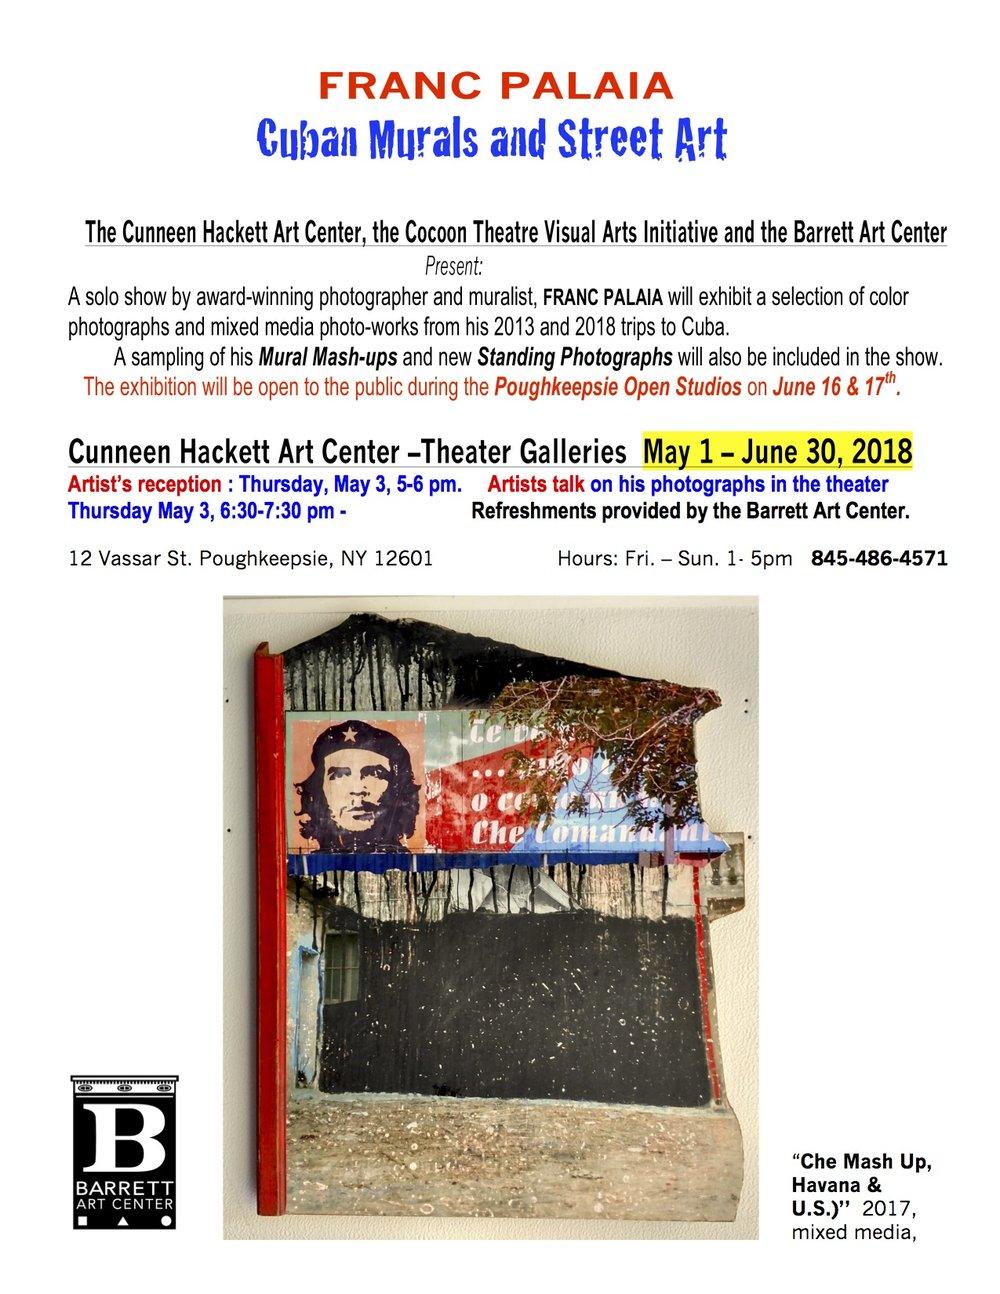 Cun Hackett show flyer final.jpg